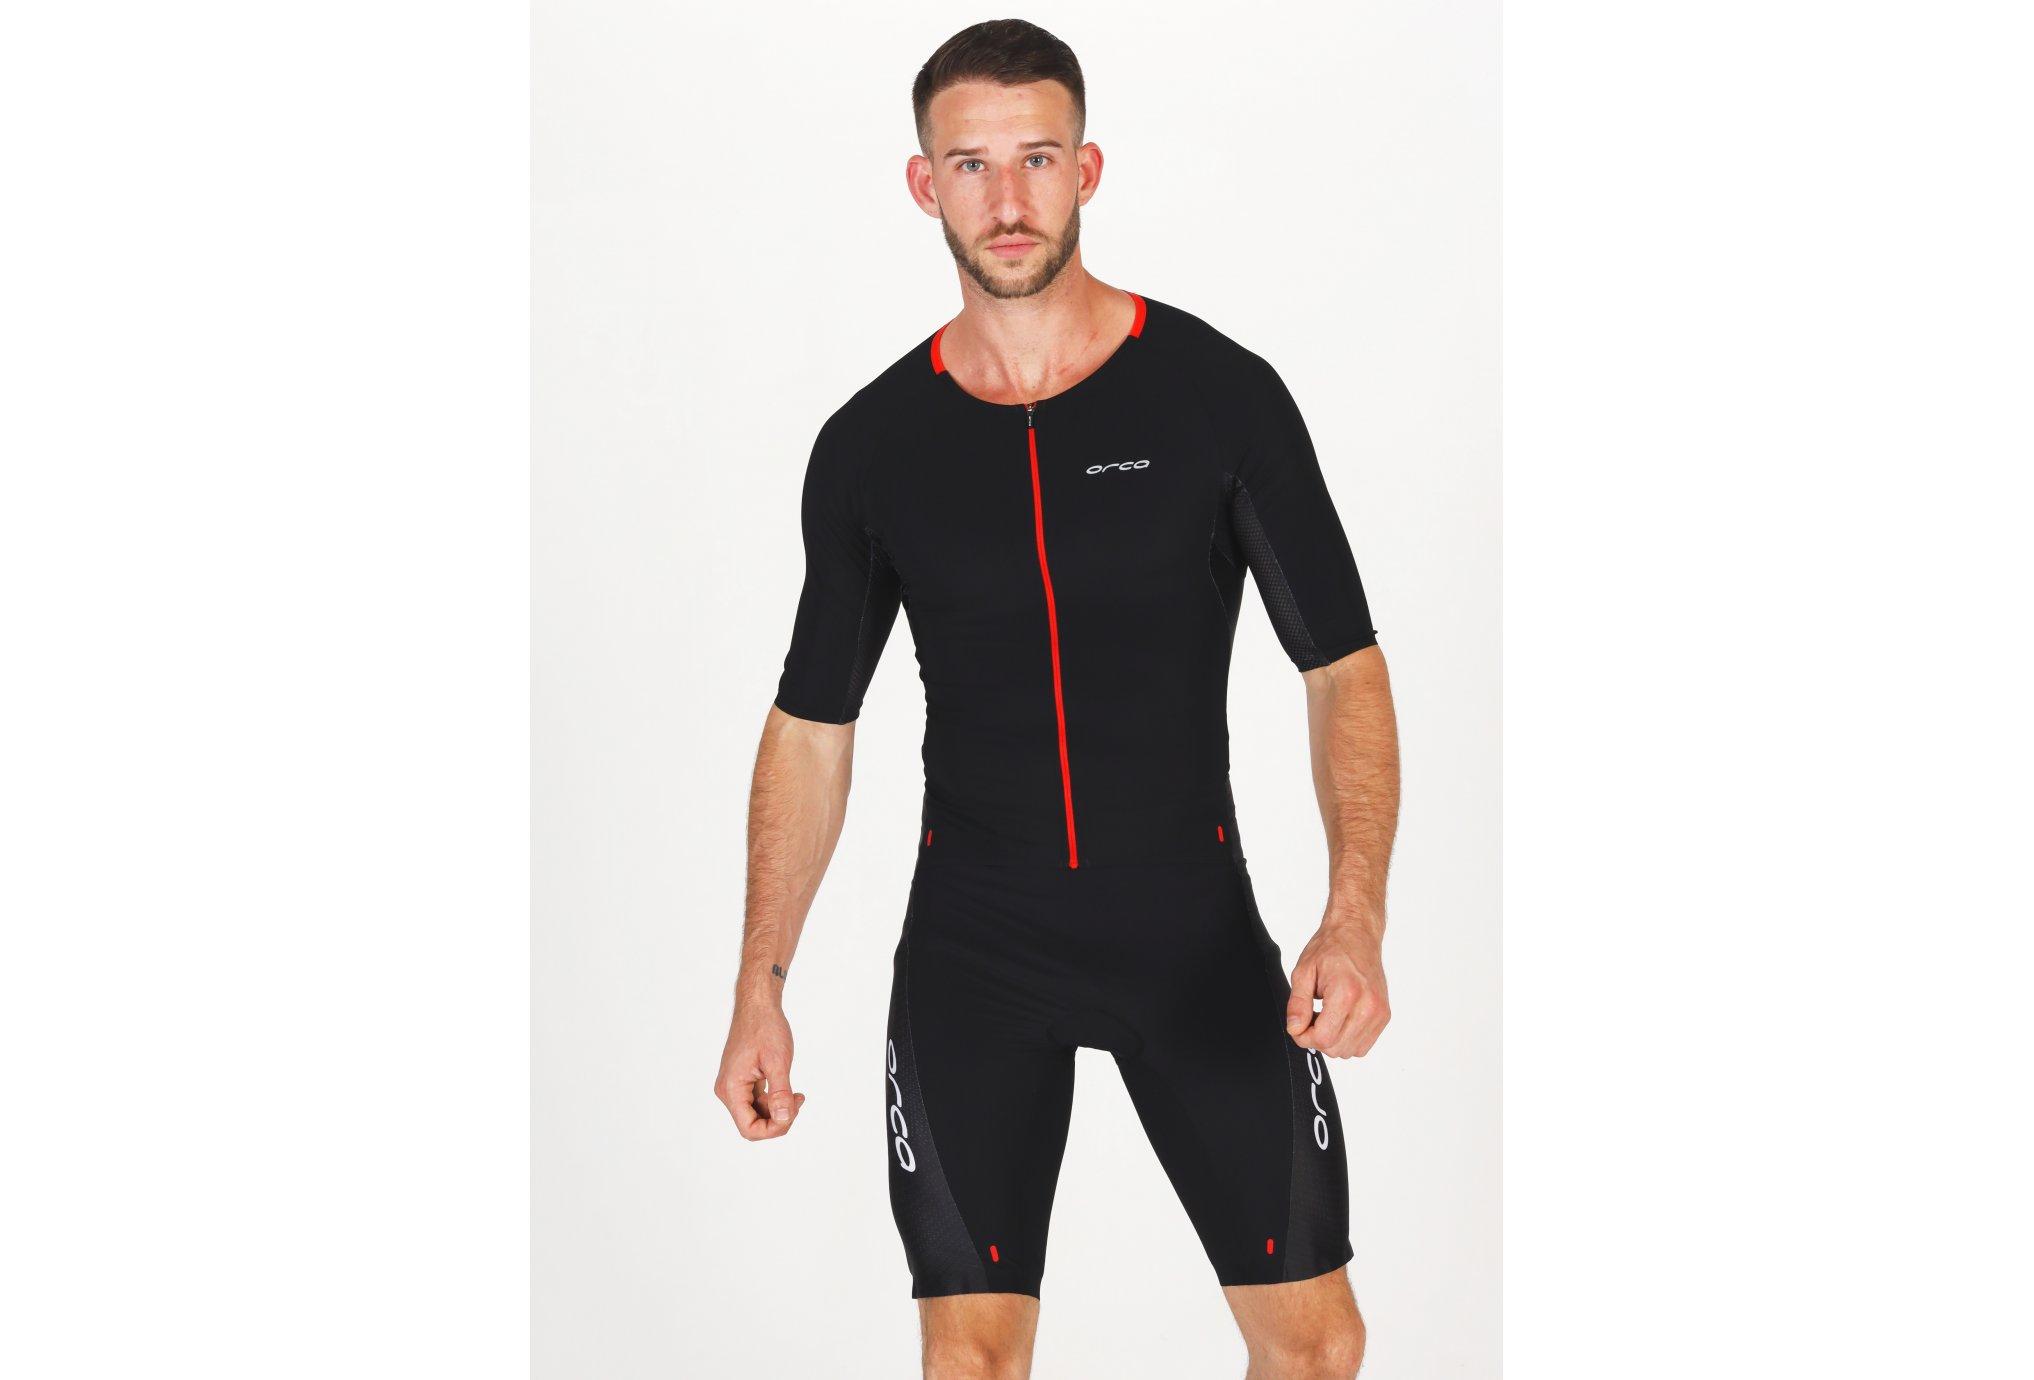 Orca 226 Perform Aero Race Suit M vêtement running homme